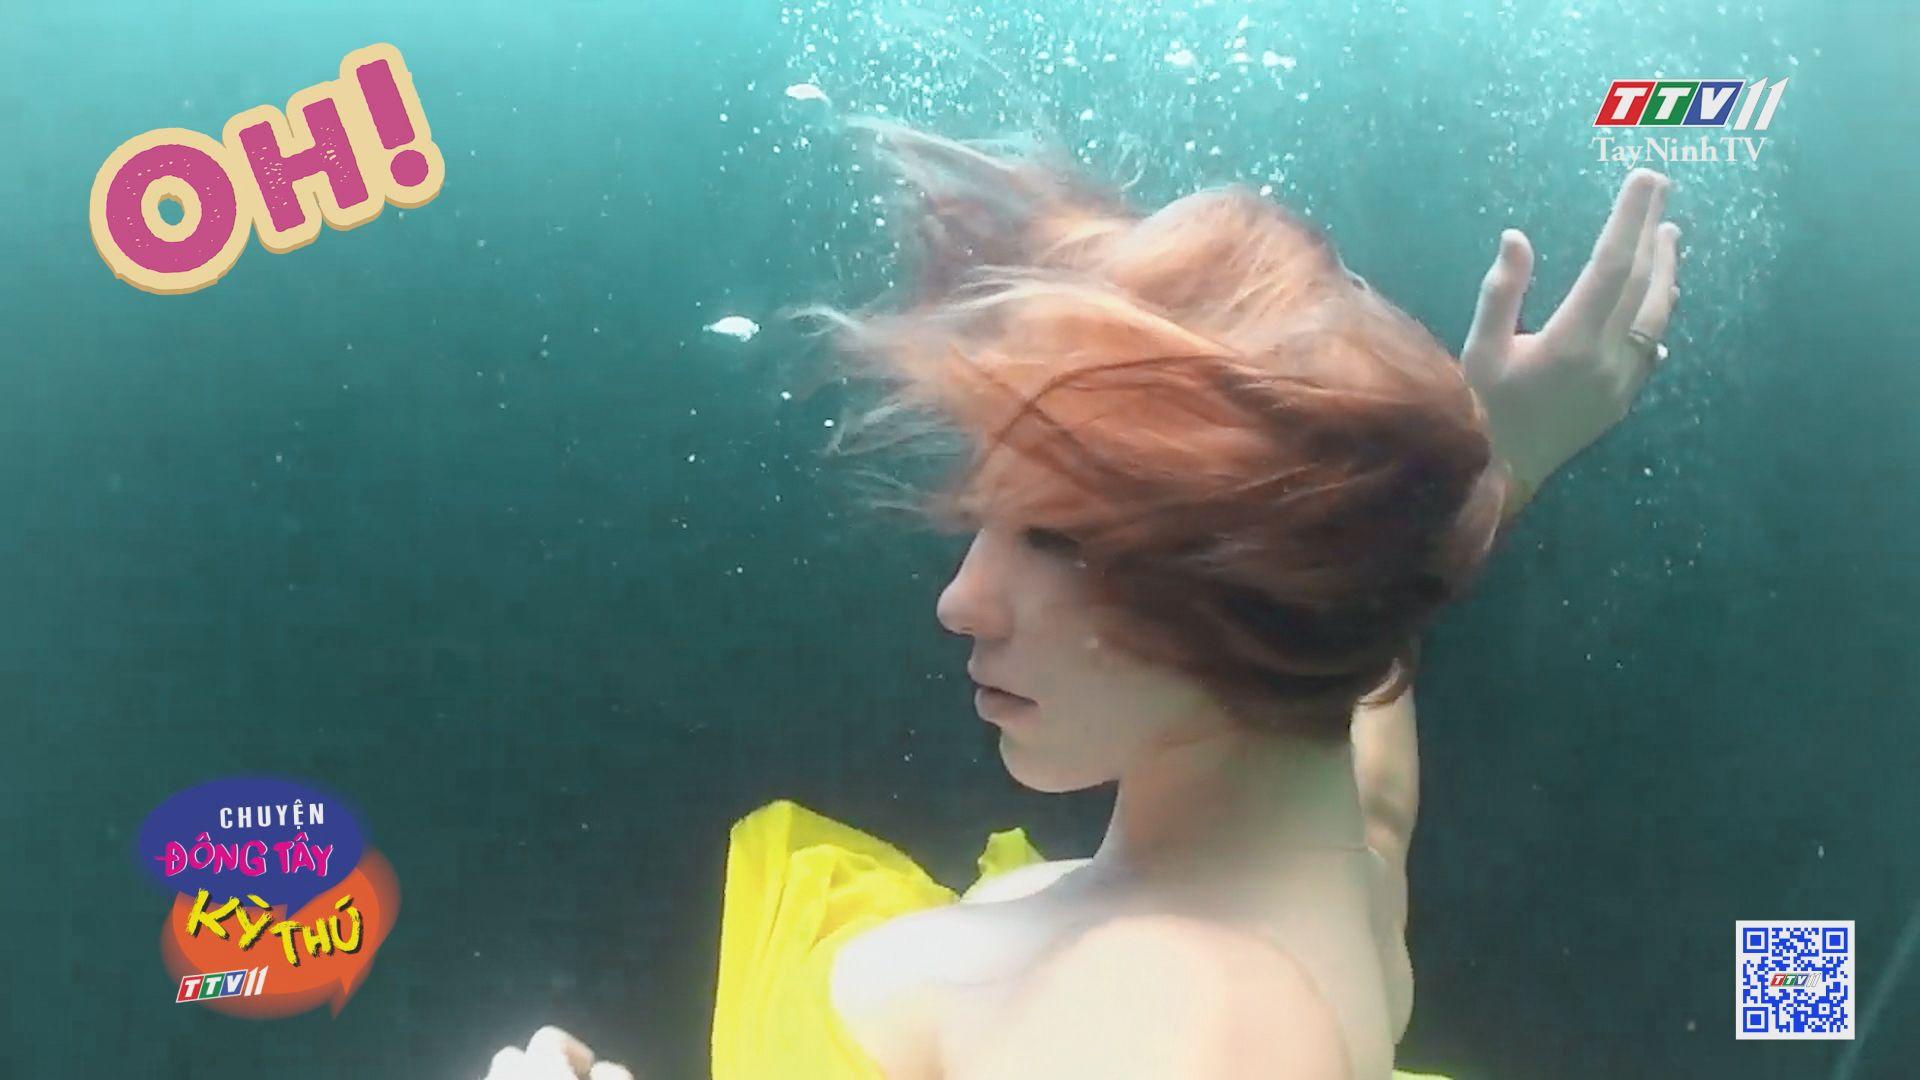 Độc đáo bộ ảnh nghệ thuật múa cột dưới nước | Đông tây kỳ thú | TayNinhTV